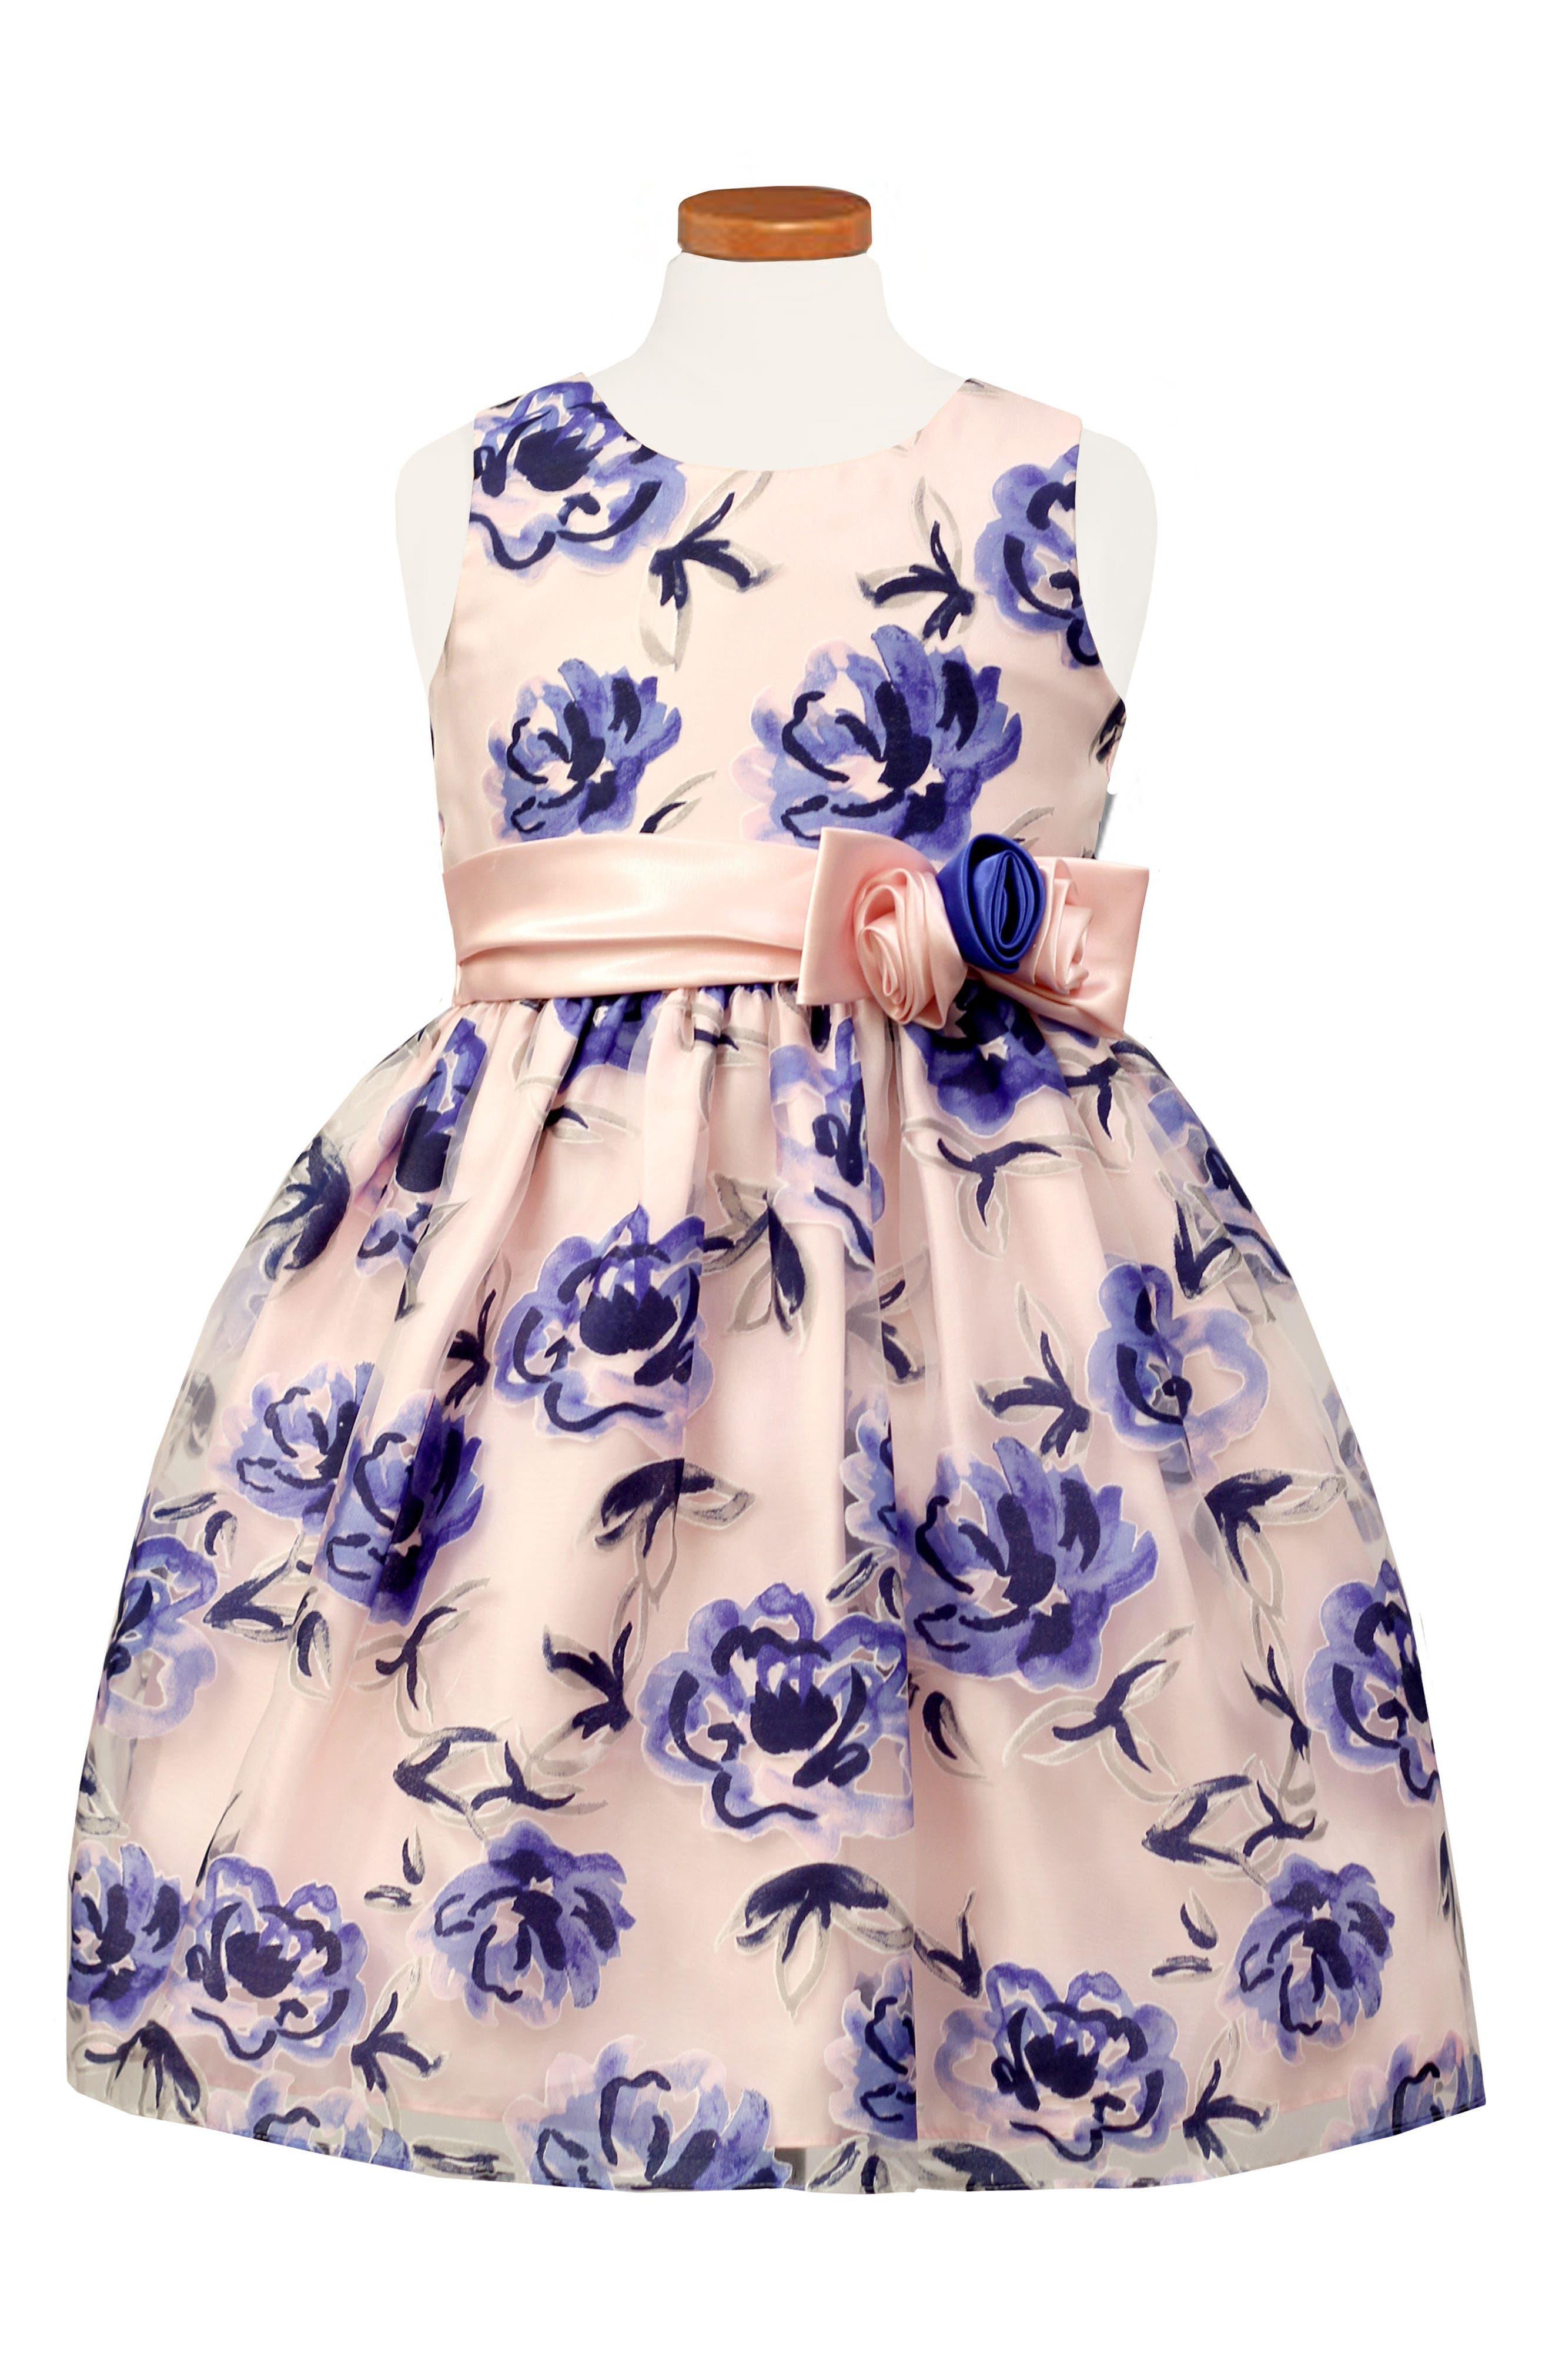 Alternate Image 1 Selected - Sorbet Sleeveless Floral Dress (Toddler Girls & Little Girls)